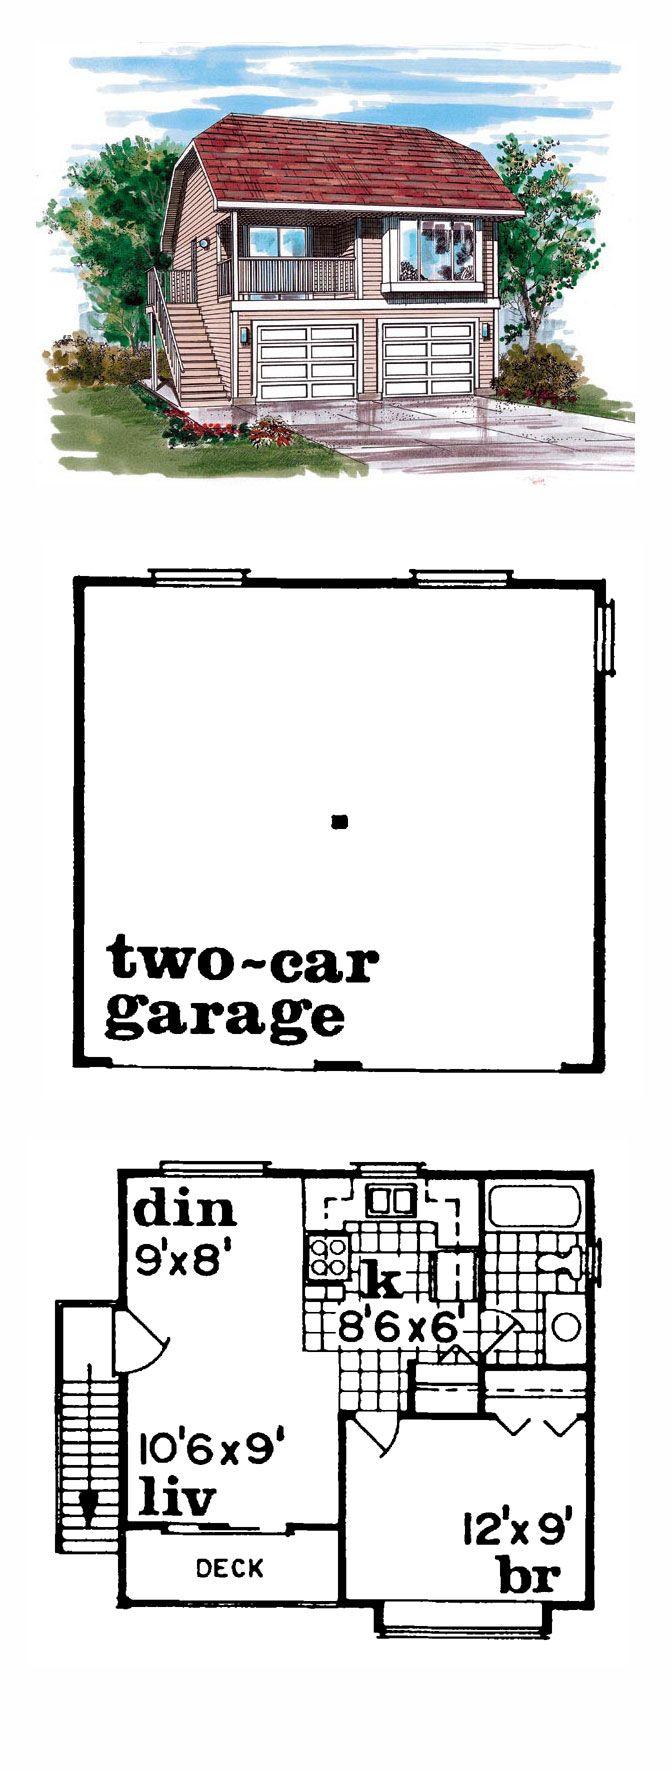 garage plan 96220 garage apartment plans garage apartments and contemporary garage plan 55543 garage apartment plansgarage